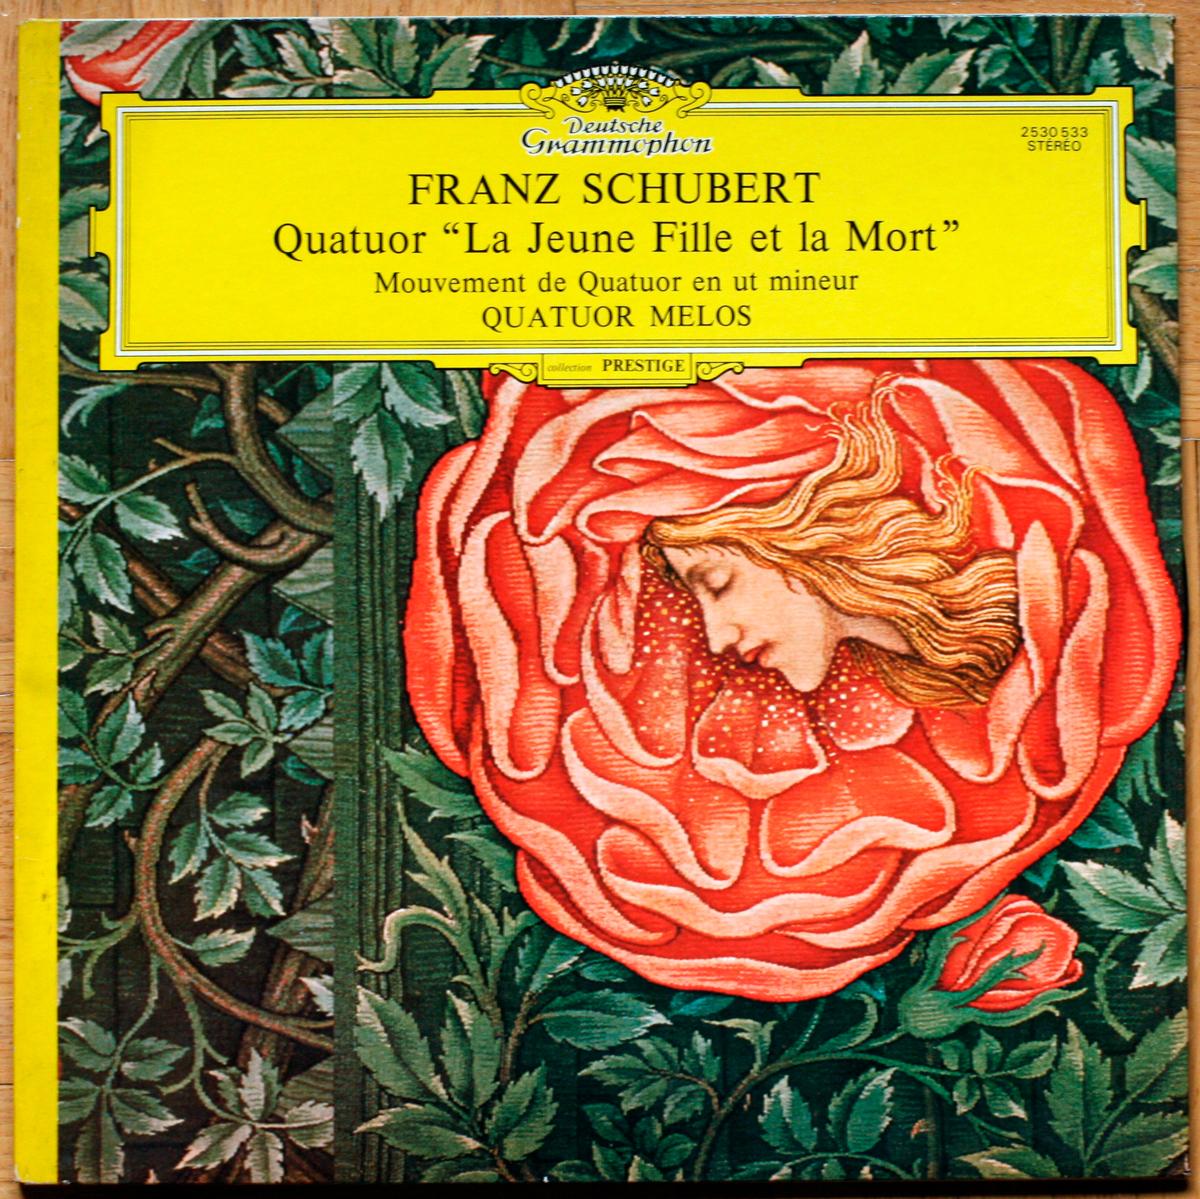 Schubert Jeune Fille Quatuor Melos